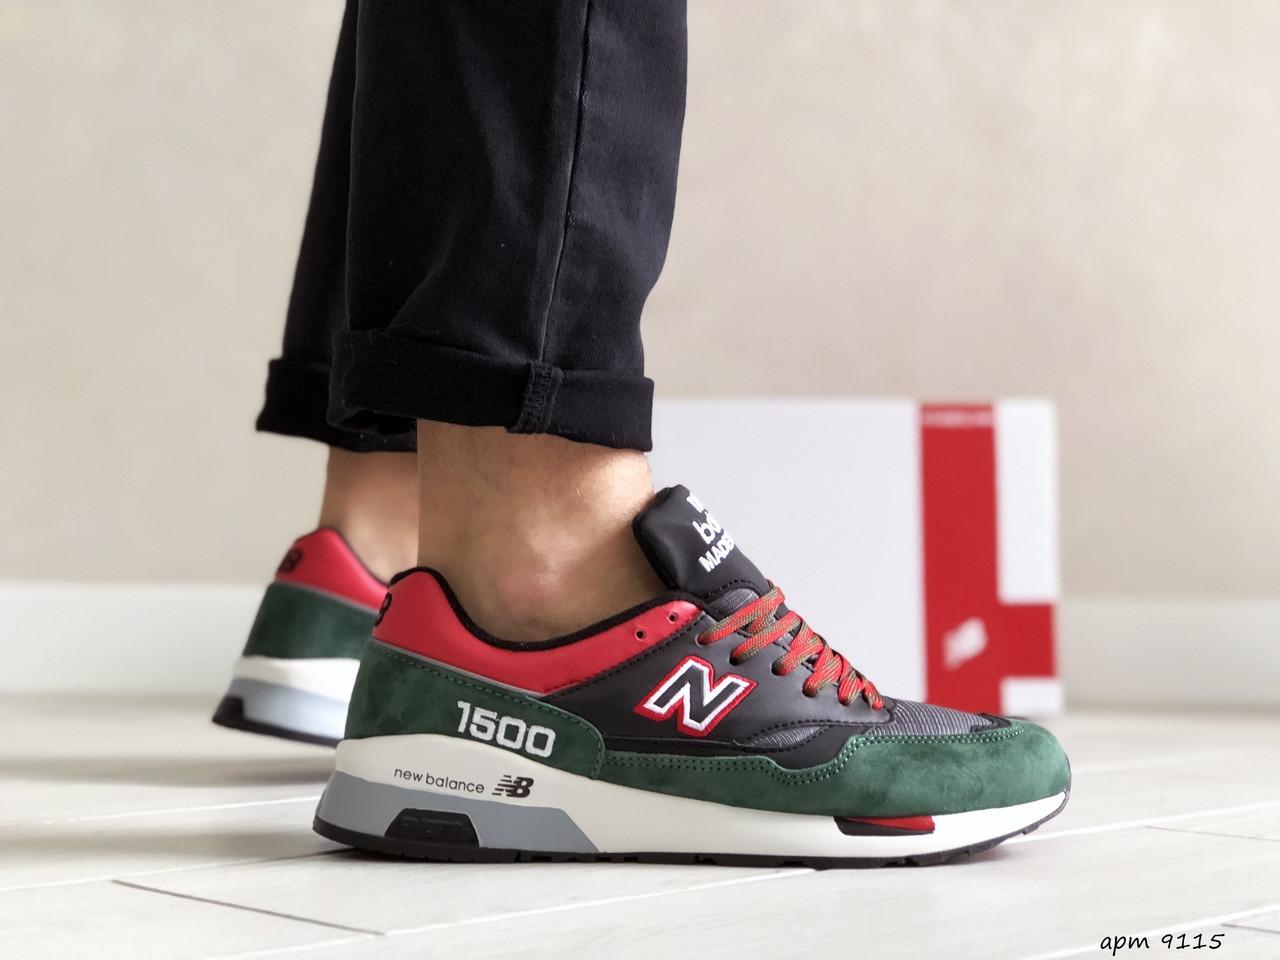 Мужские кроссовки New Balance 1500 ВЕЛИКОБРИТАНИЯ (черно-зеленые с красным) 9115